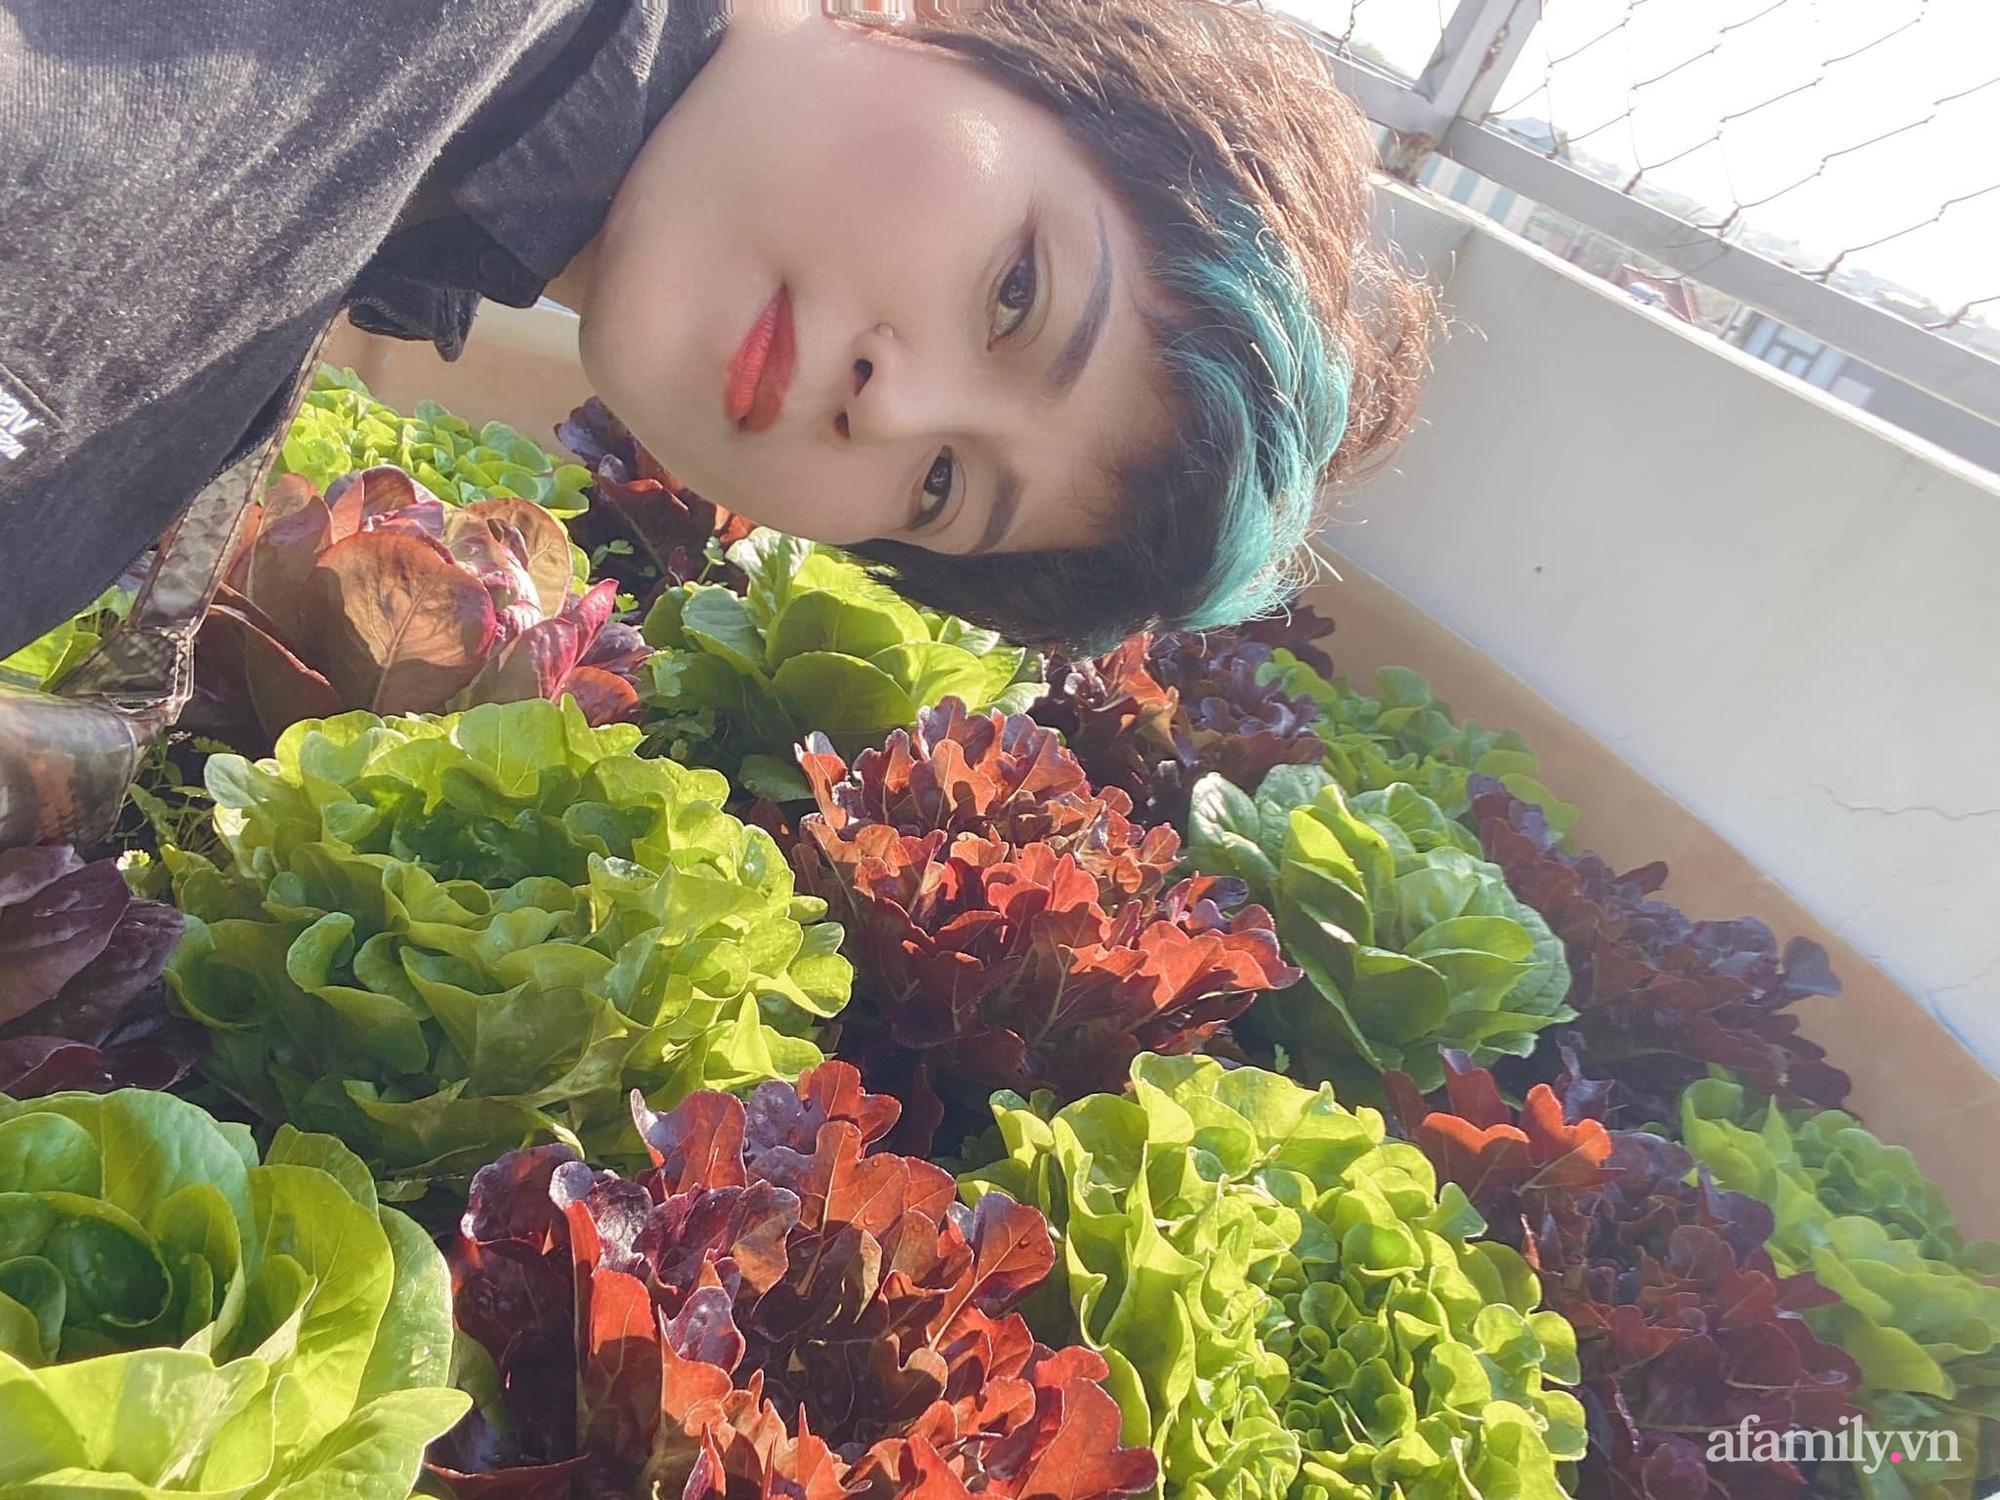 Giãn cách không ra khỏi nhà vẫn đủ rau quả thưởng thức nhờ vườn cây xanh um trên sân thượng ở Đà Nẵng - Ảnh 13.